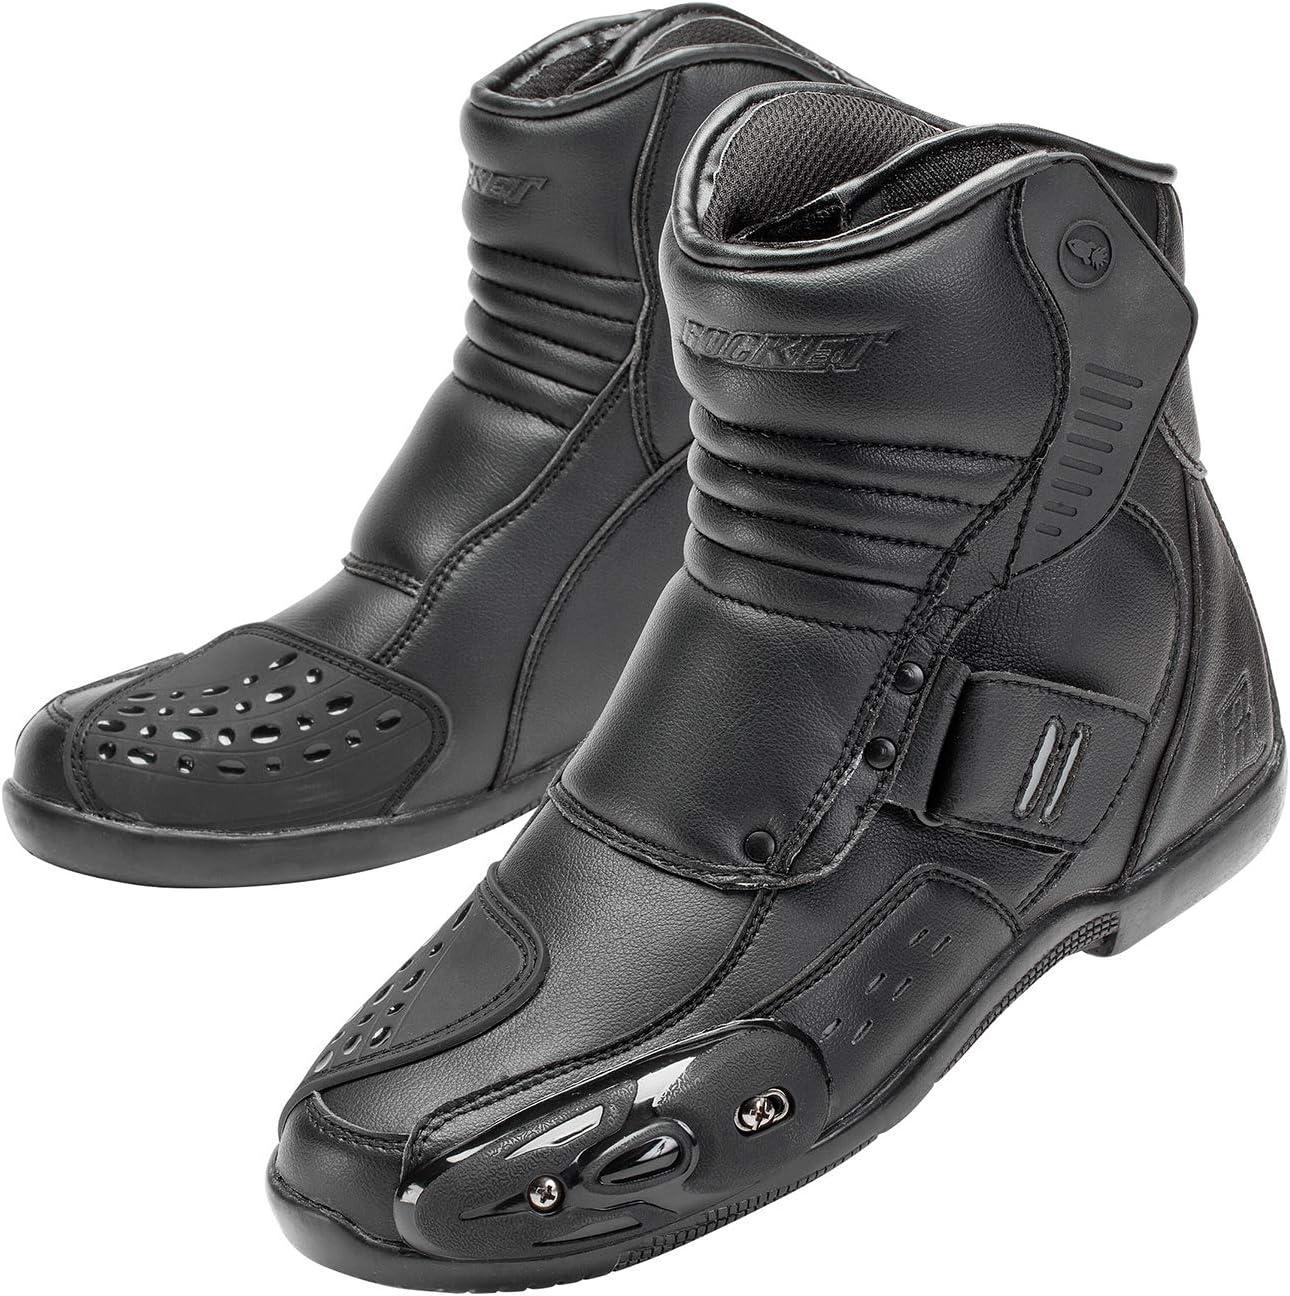 Black, 12 Joe Rocket Mens Boots